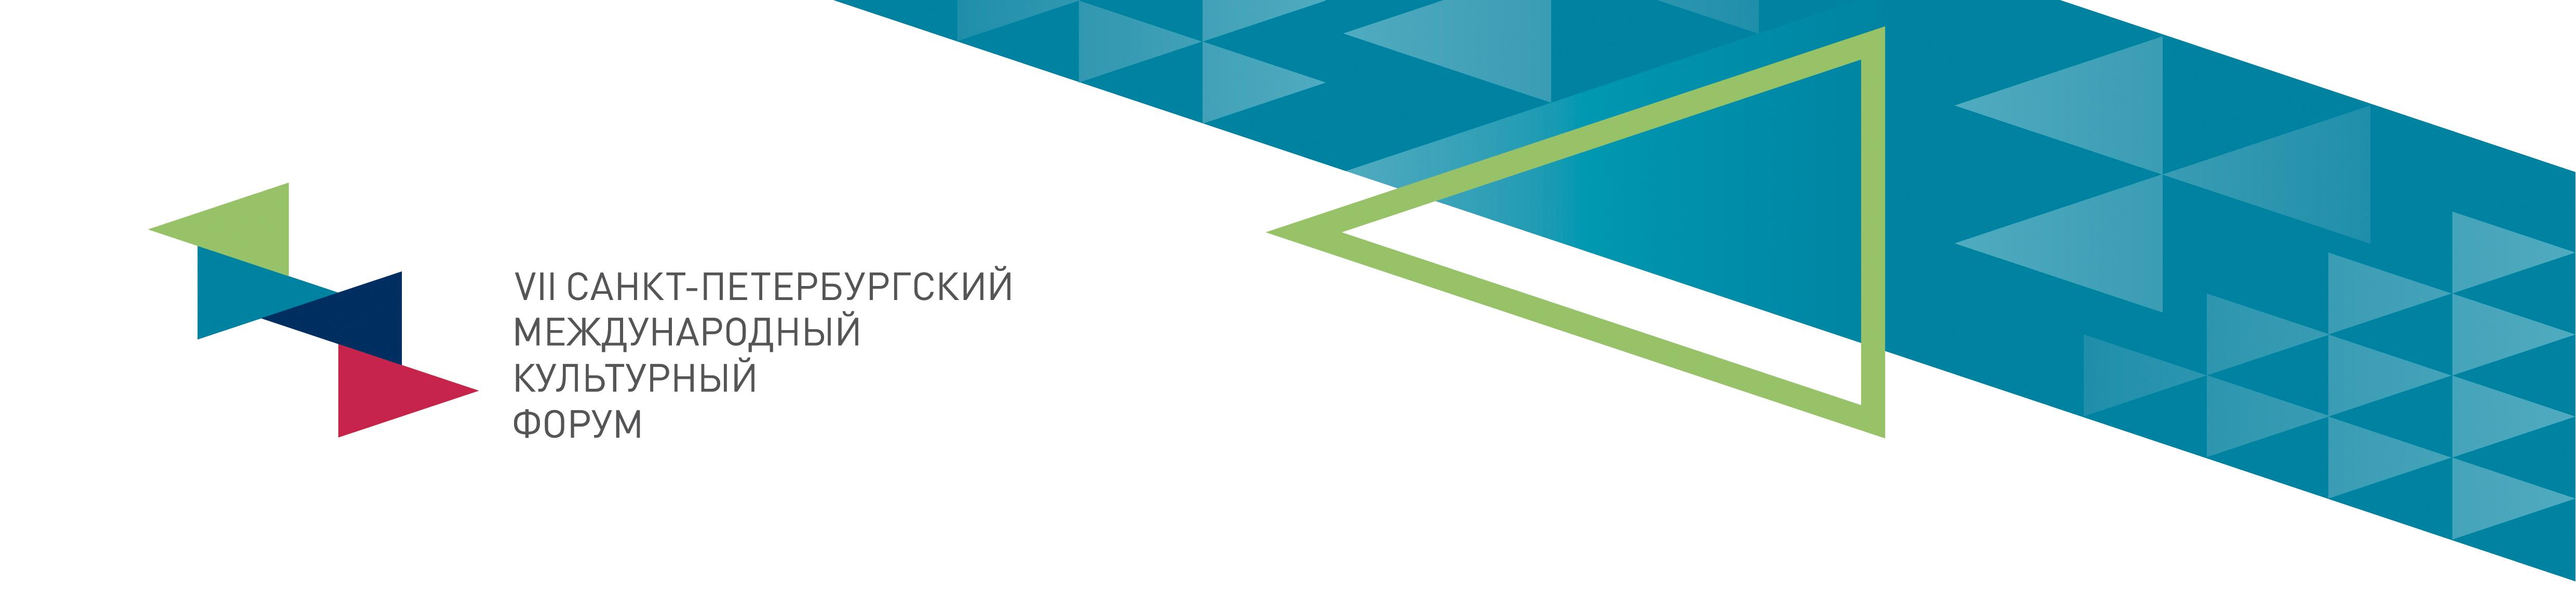 В Санкт-Петербурге пройдет конференция по исследованию произведений искусства